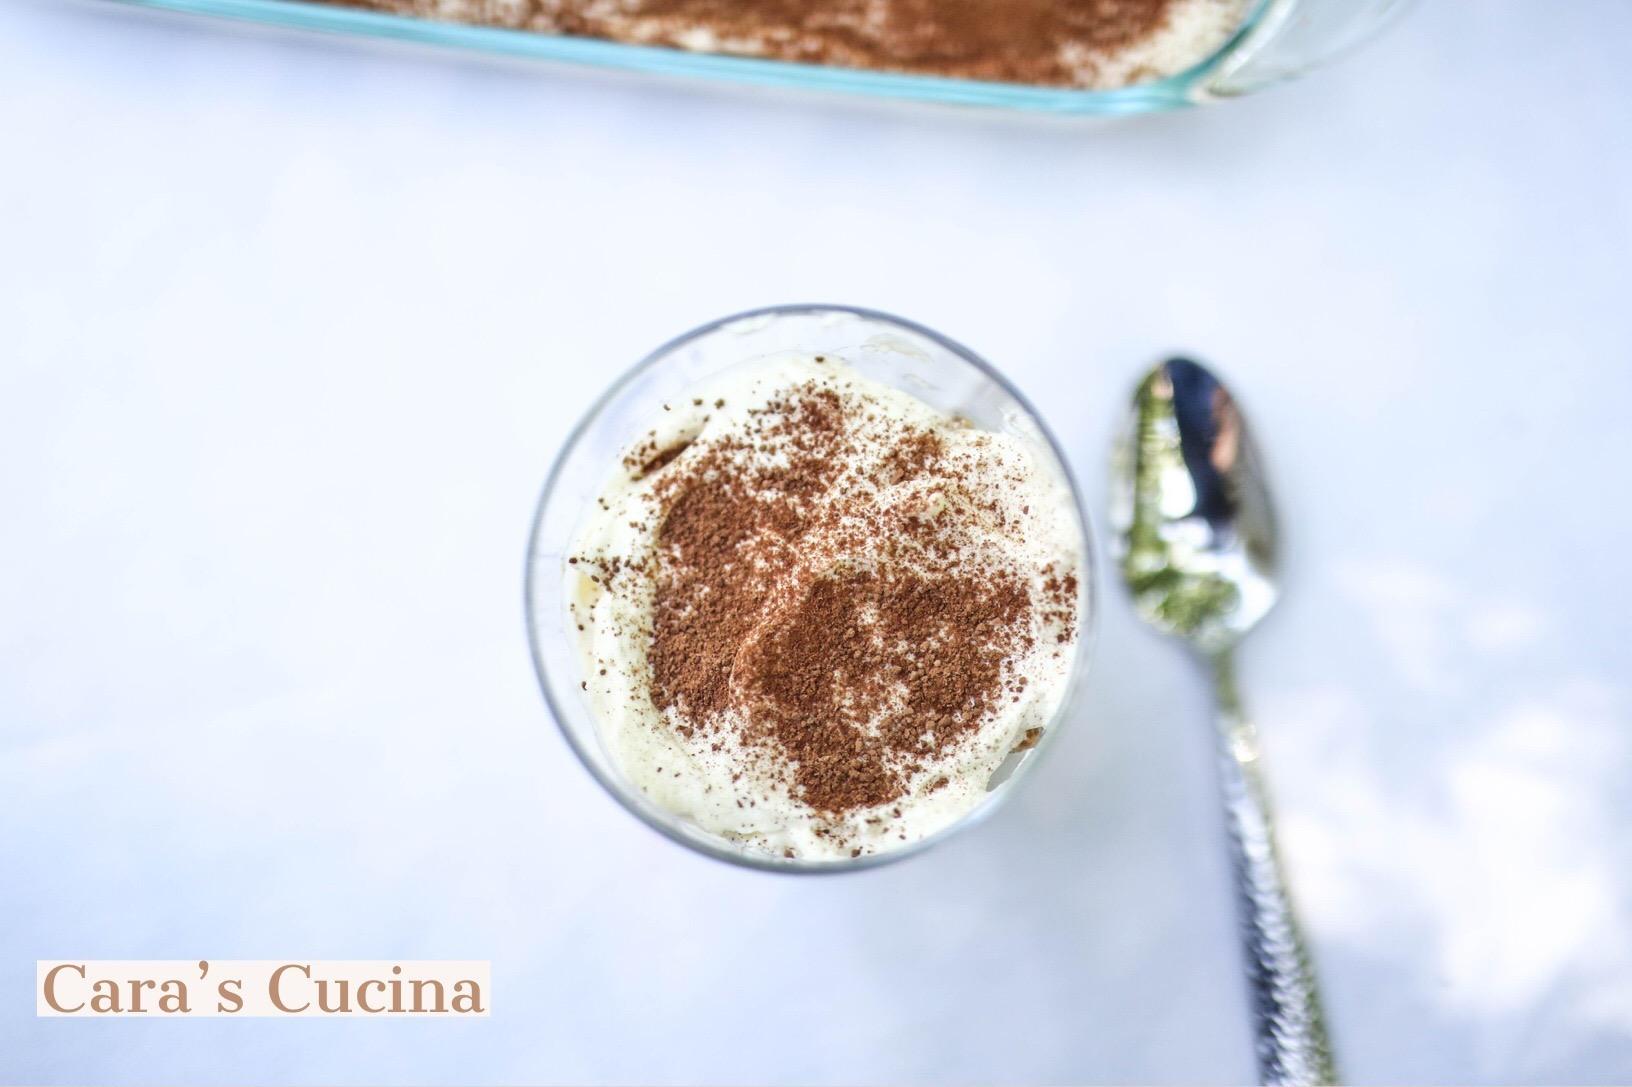 Cara's Cucina: Tiramisu